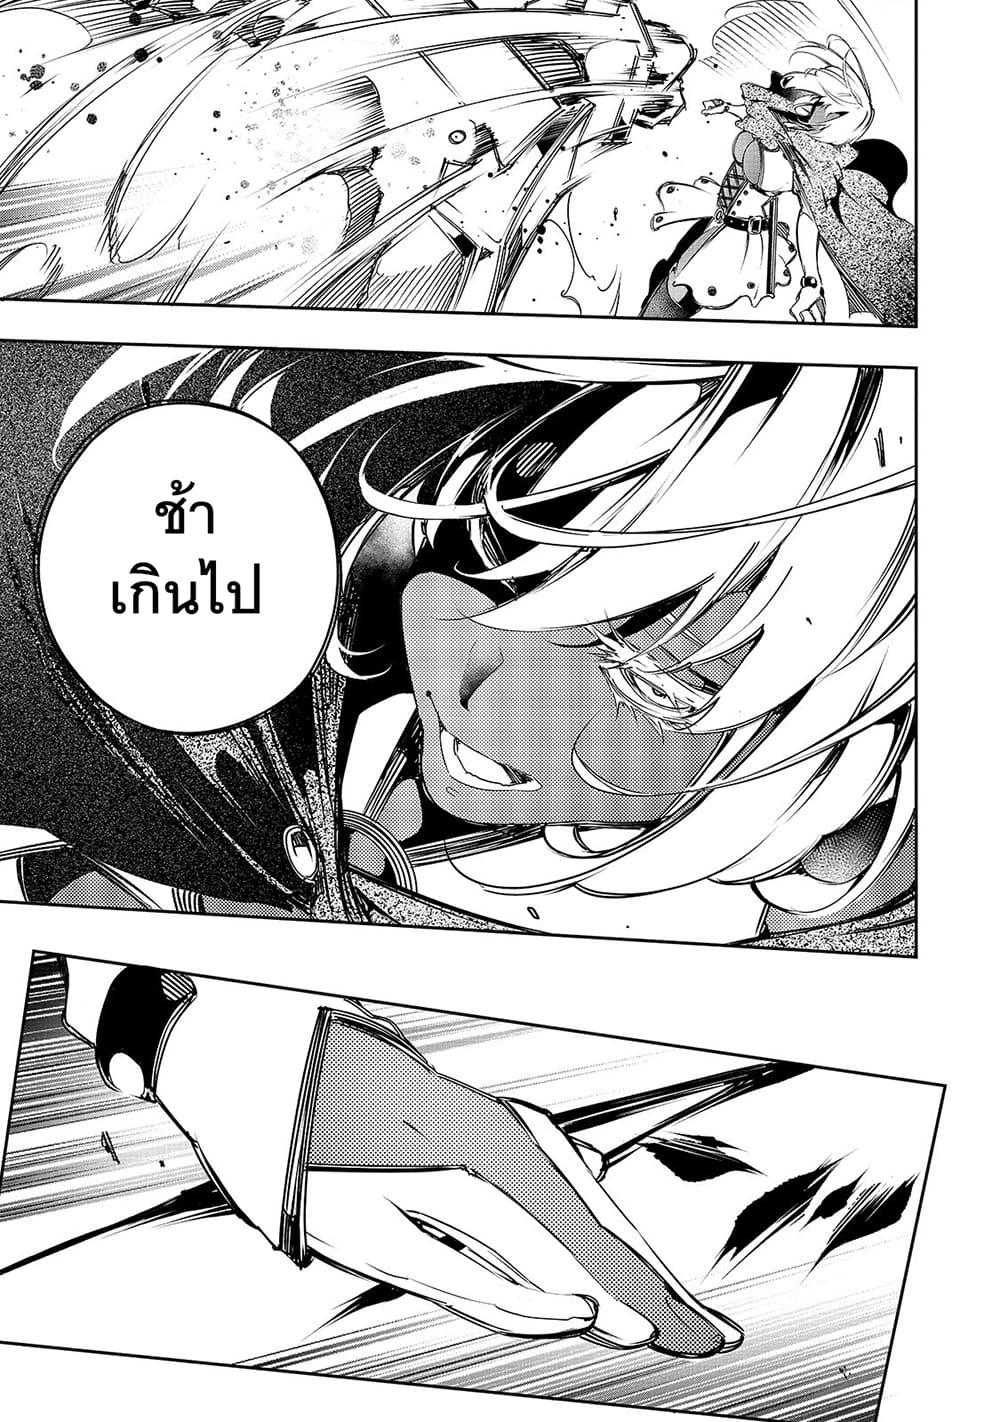 อ่านการ์ตูน Saikyou no Shien-shoku Wajutsushi Dearu Ore wa Sekai Saikyou Kuran o Shitagaeru ตอนที่ 10 หน้าที่ 17